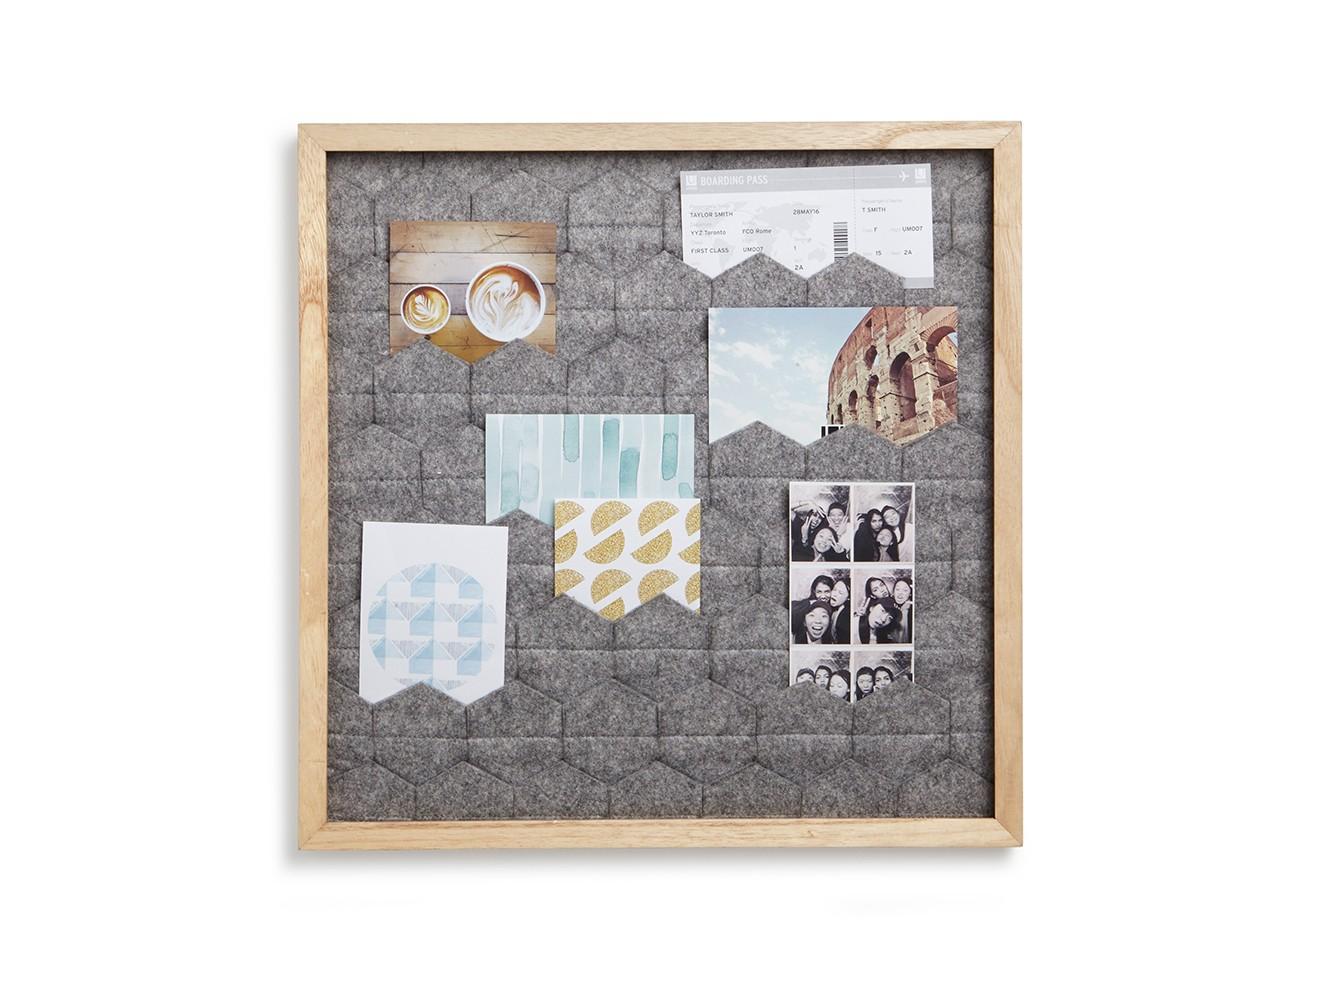 Фотопанно с кармашками для фото TuckitРамки для фотографий<br>Необычное решение для создания фото-композиций. Слои серого фетра в форме шестиугольников создают геометрический орнамент внутри рамки из натурального дерева. Фотографии можно расположить под уголками ткани в свободном порядке. Никакие дополнительные крепления не требуются. <br><br>Дизайн: Jade Dumrath&amp;lt;div&amp;gt;&amp;lt;br&amp;gt;&amp;lt;/div&amp;gt;<br><br>Material: Шерсть<br>Width см: 33,7<br>Depth см: 3<br>Height см: 33,7